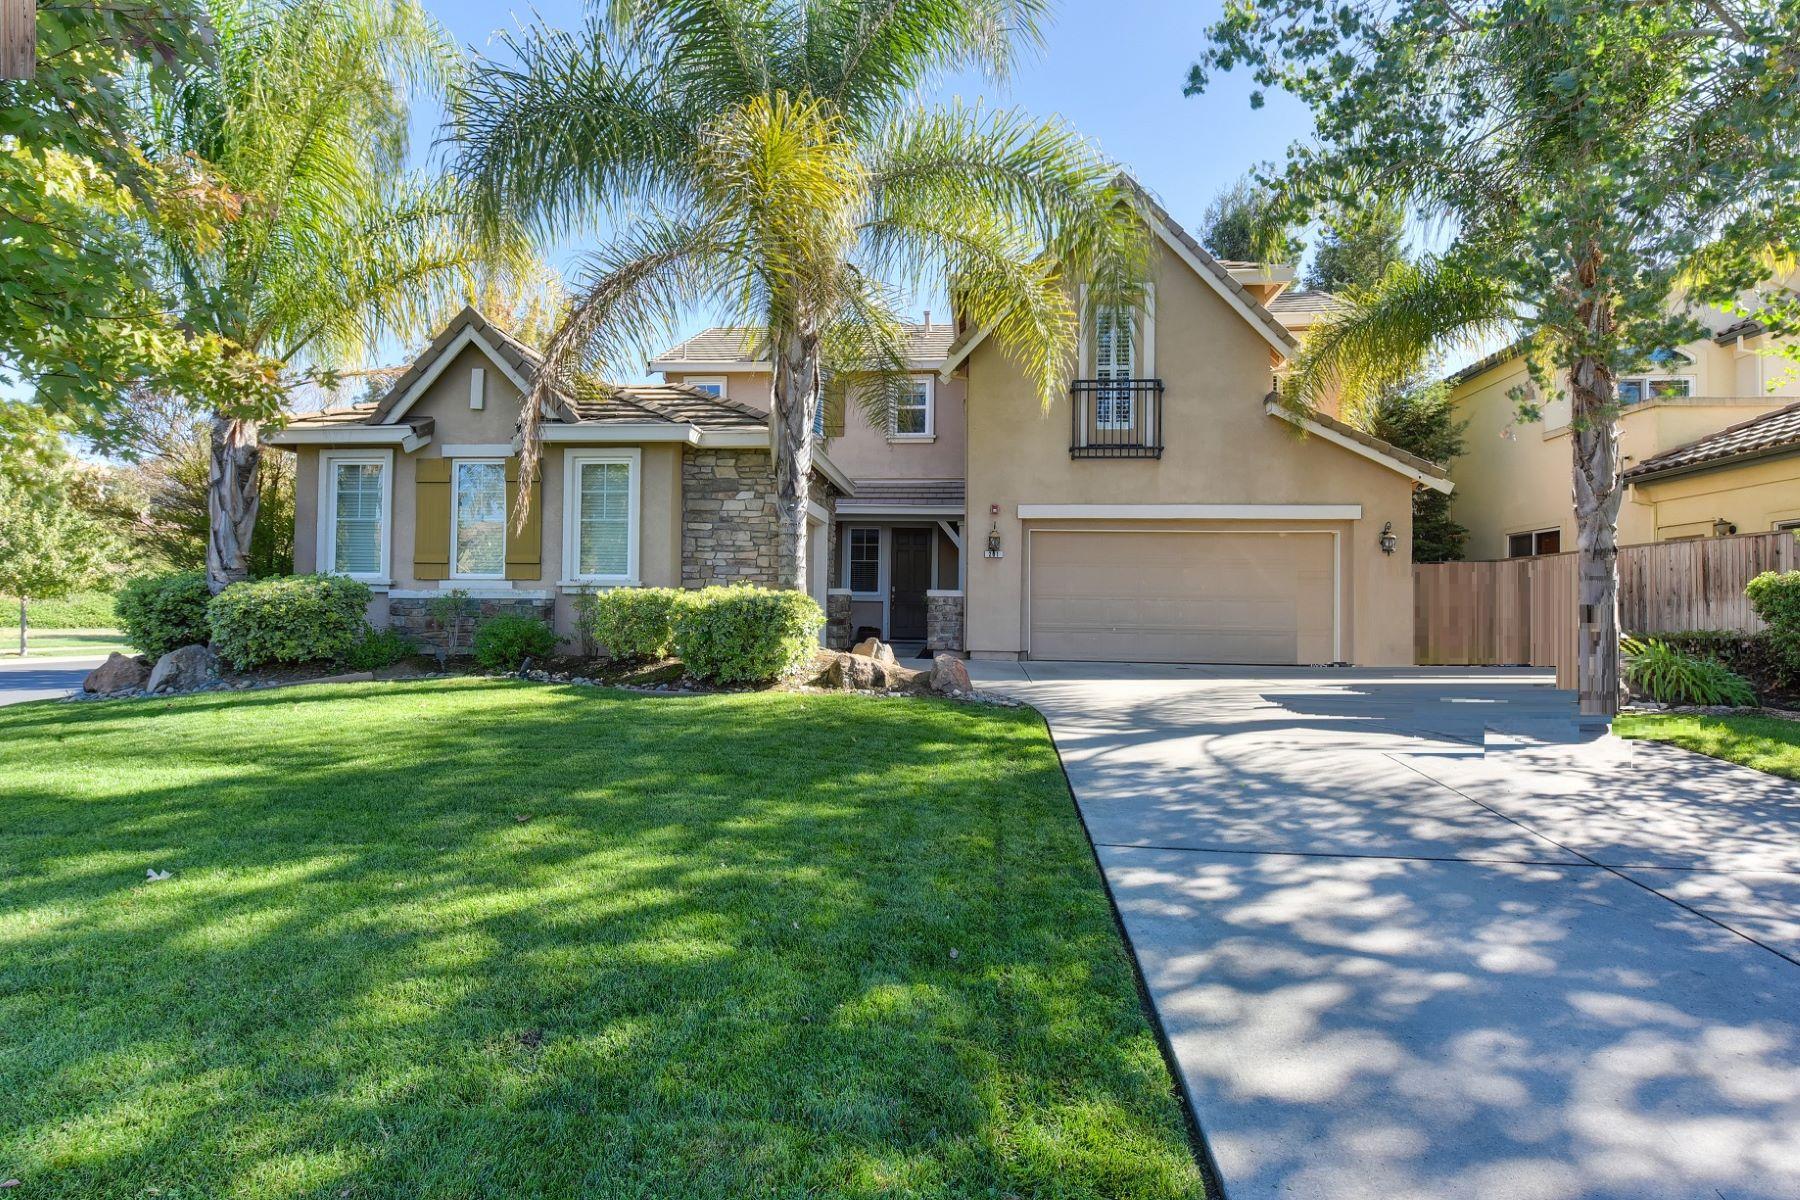 独户住宅 为 销售 在 201 Classic Ct, Sacramento, CA 95605 Sacramento, 加利福尼亚州 95605 美国